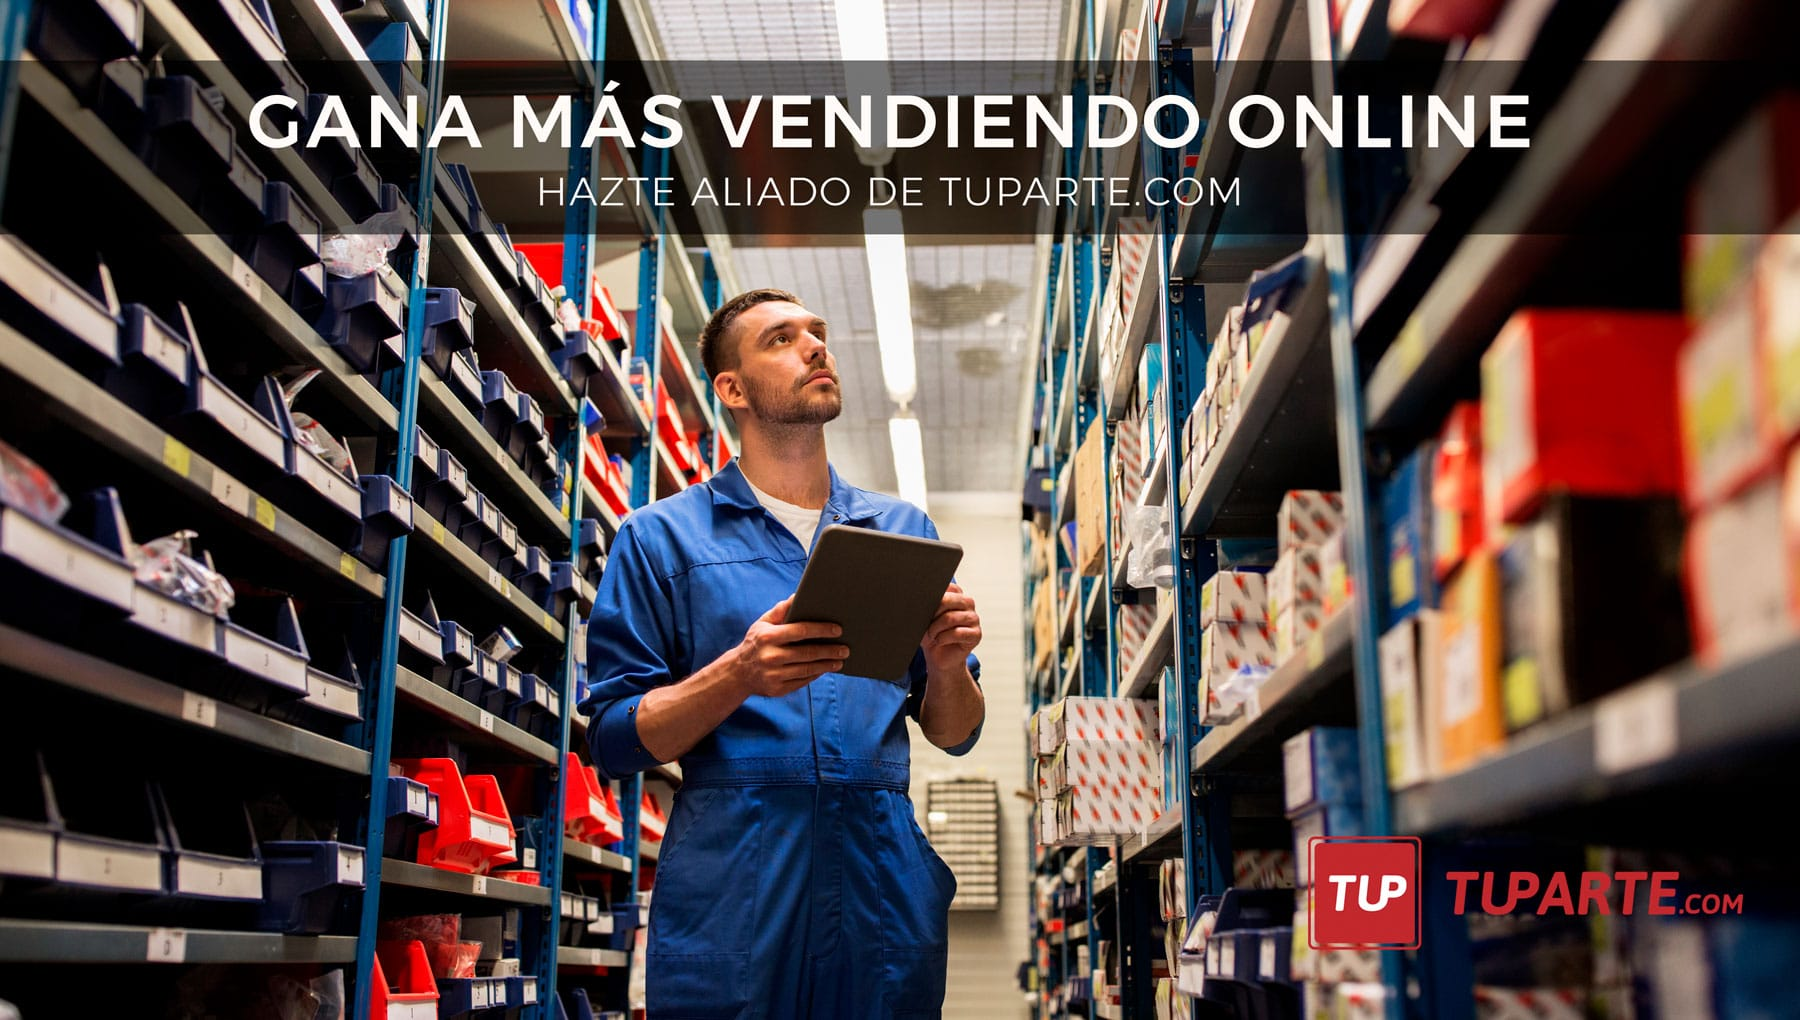 tuparte.com promo